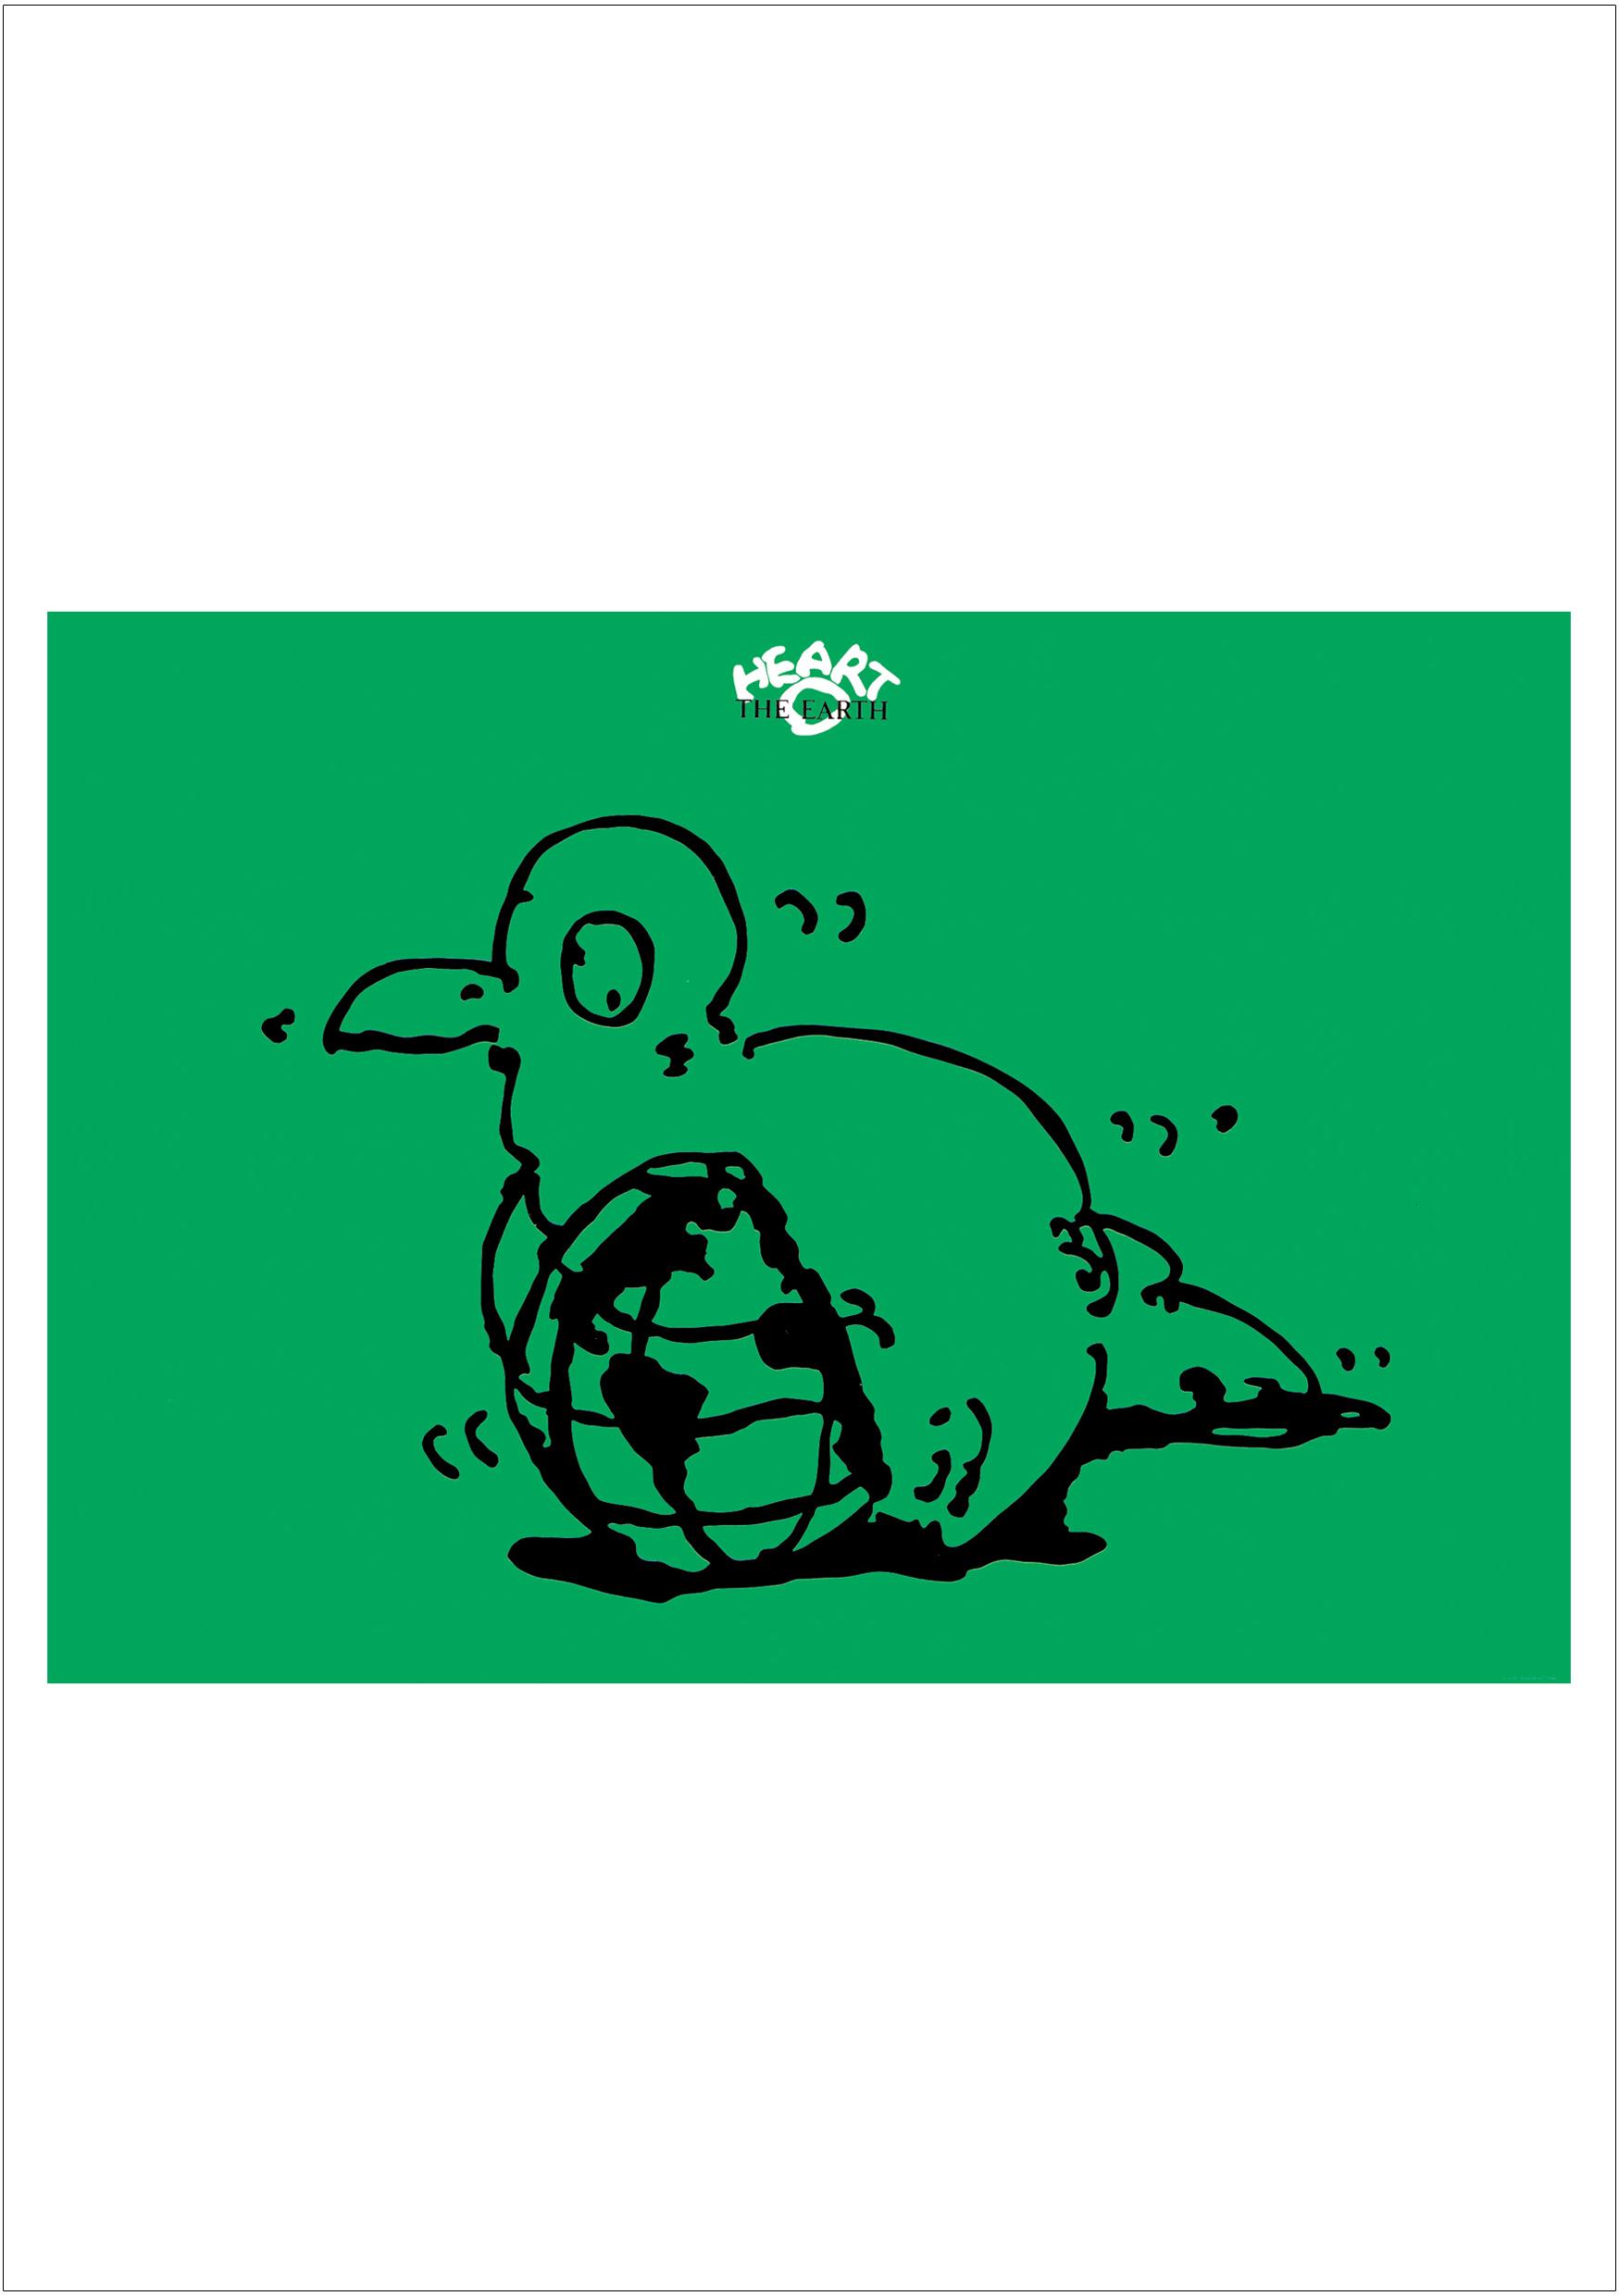 ポスターアーティスト秋山孝が1987年に制作したアートカード「アートカード ポスター 1987 01」